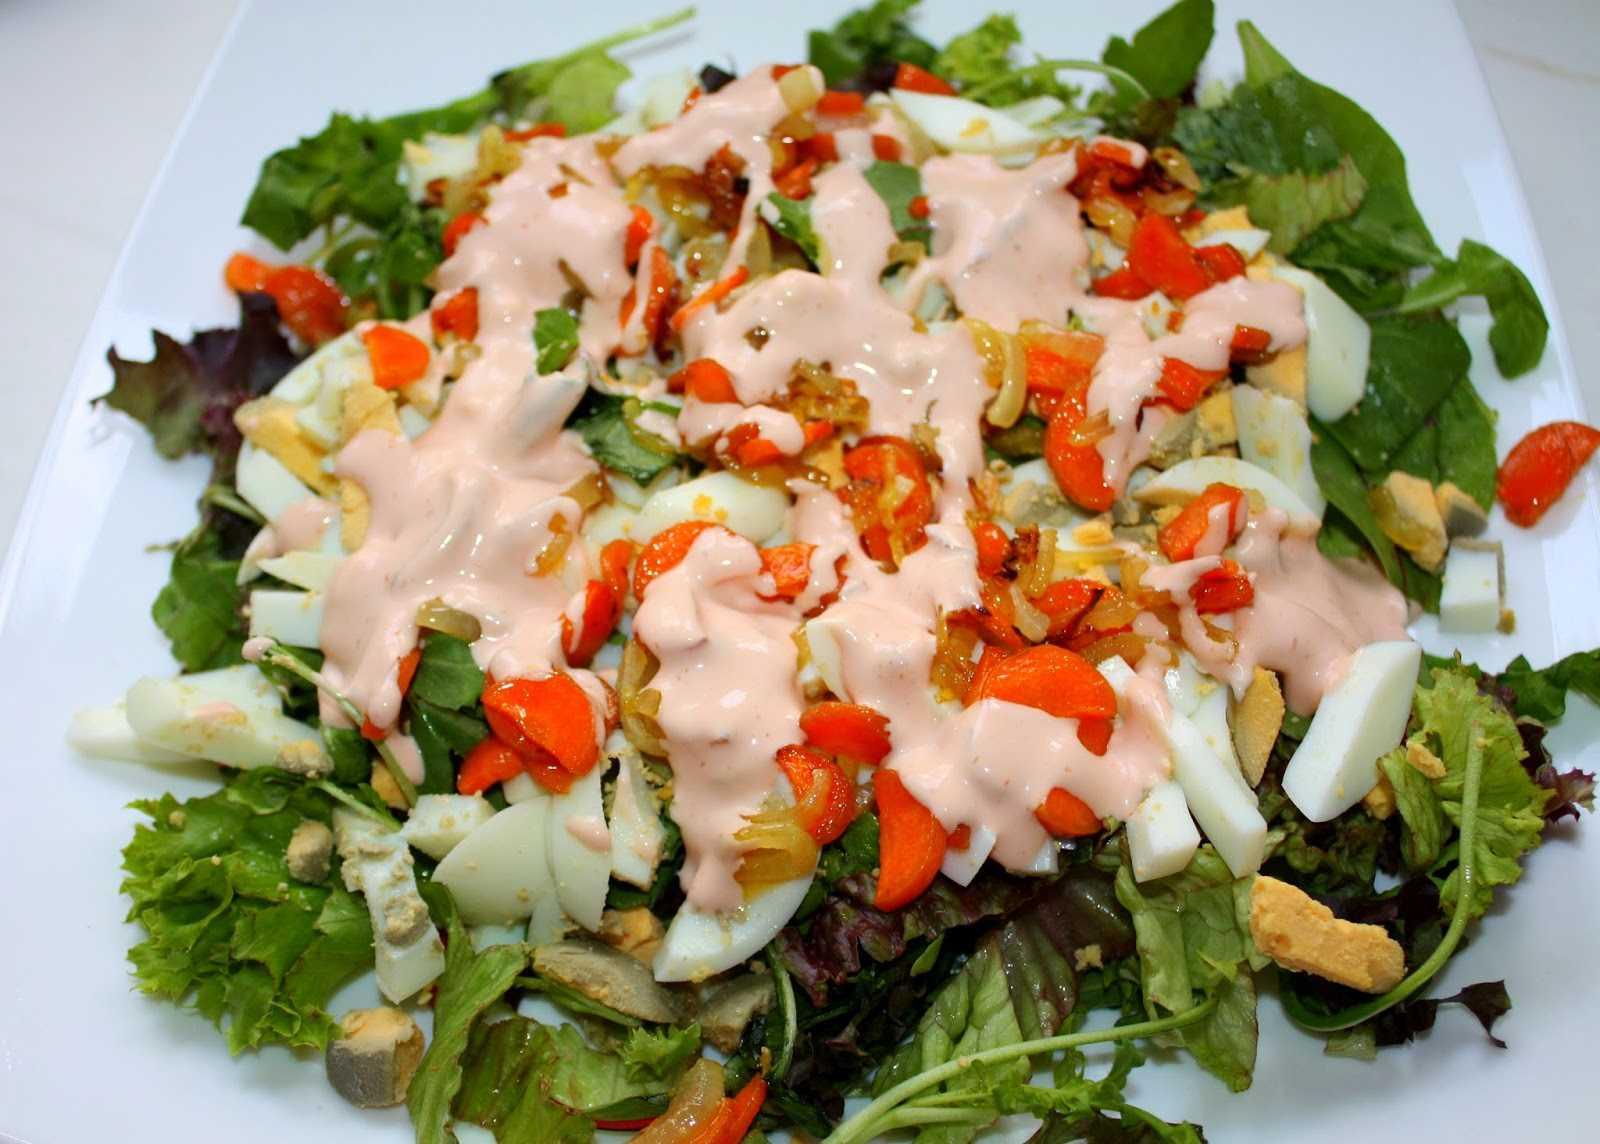 Слоеный салат с курицей и помидорами - 8 пошаговых фото в рецепте